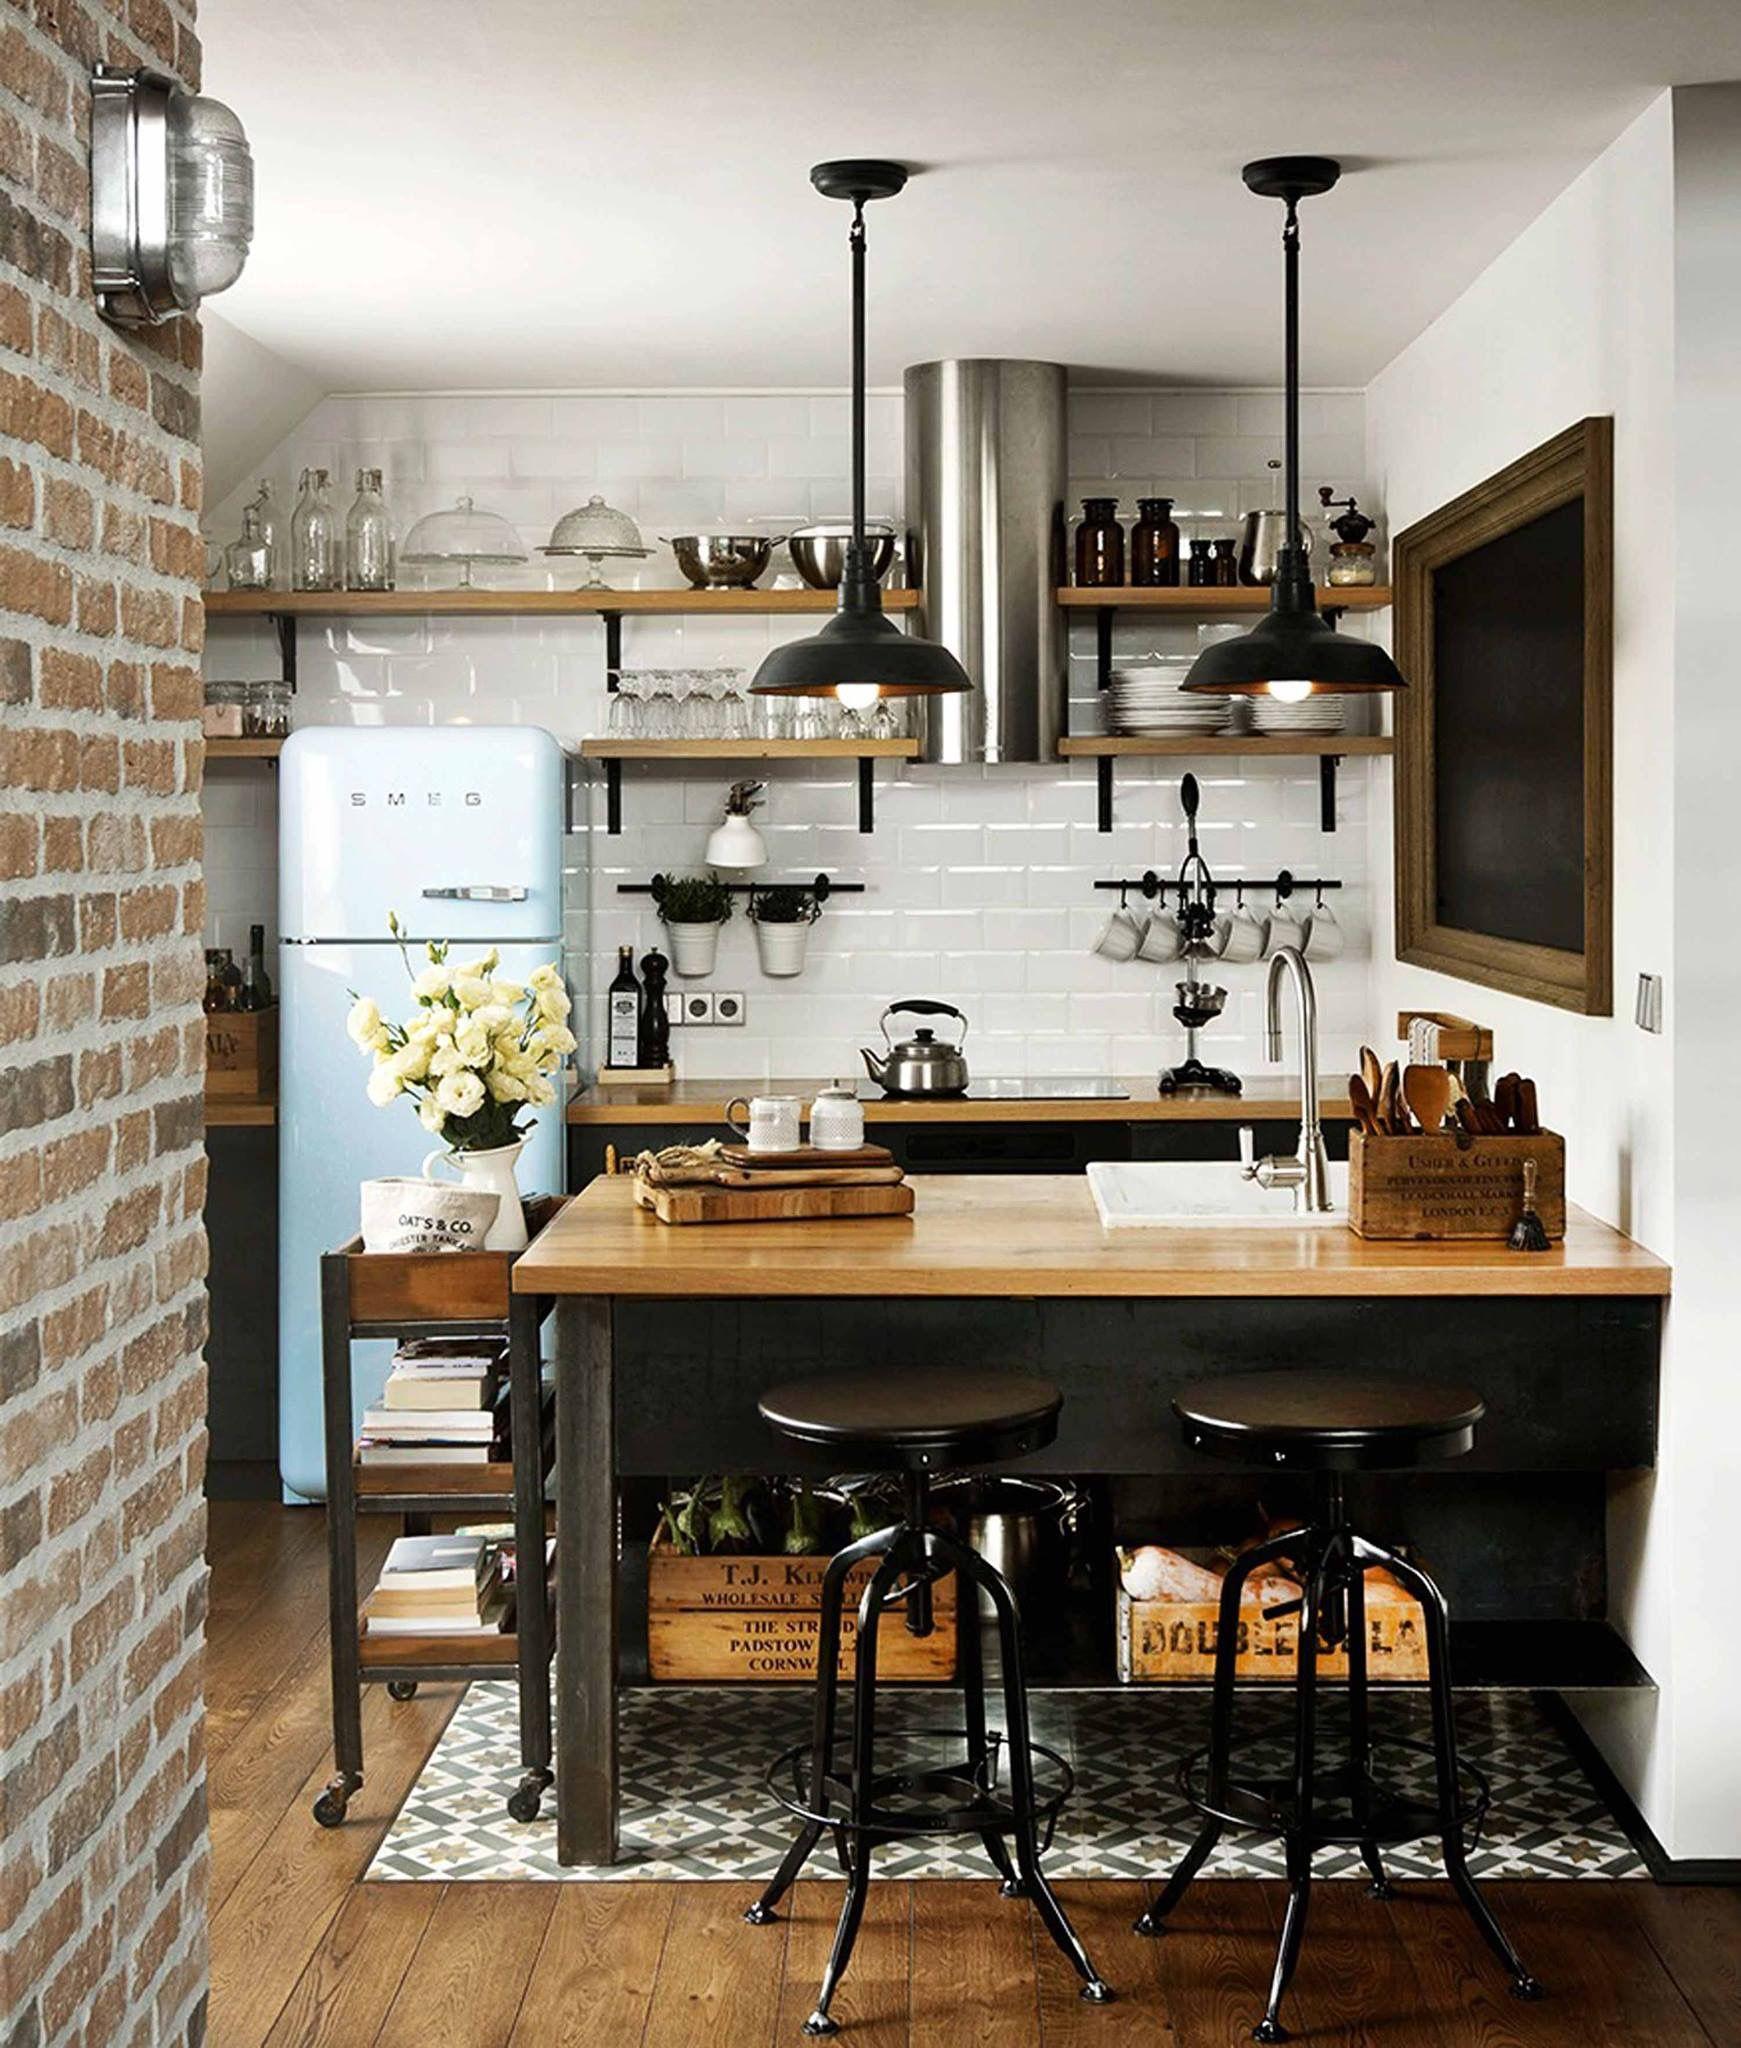 Pin By Kasia P Onka On Dom Pinterest Kitchens Farmhouse Ideas